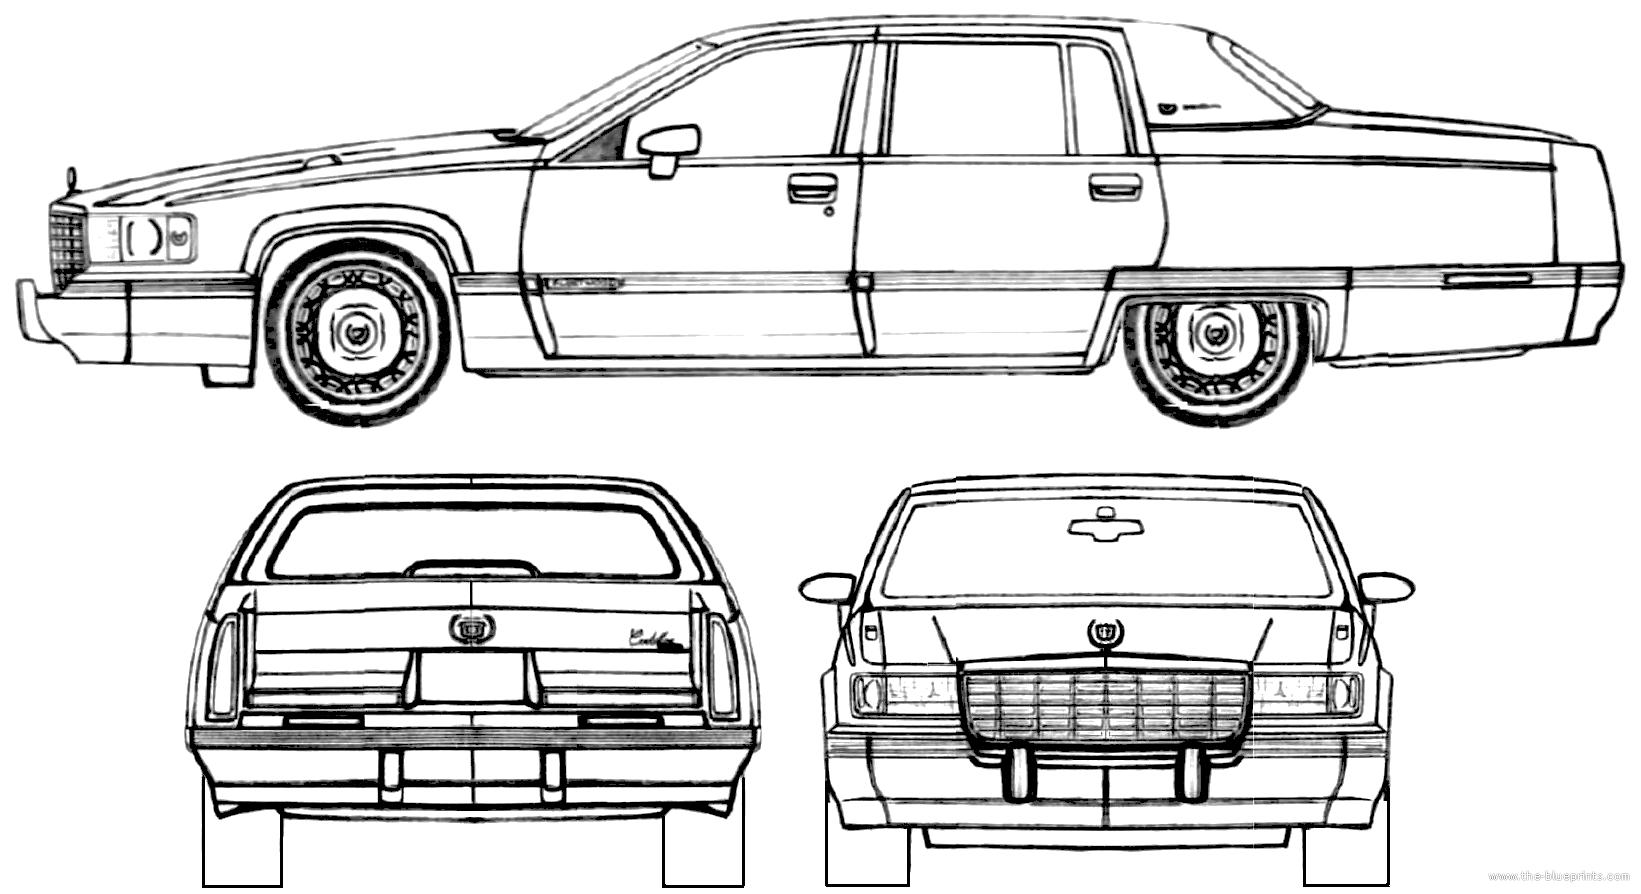 Blueprints Gt Cars Gt Cadillac Gt Cadillac Fleetwood